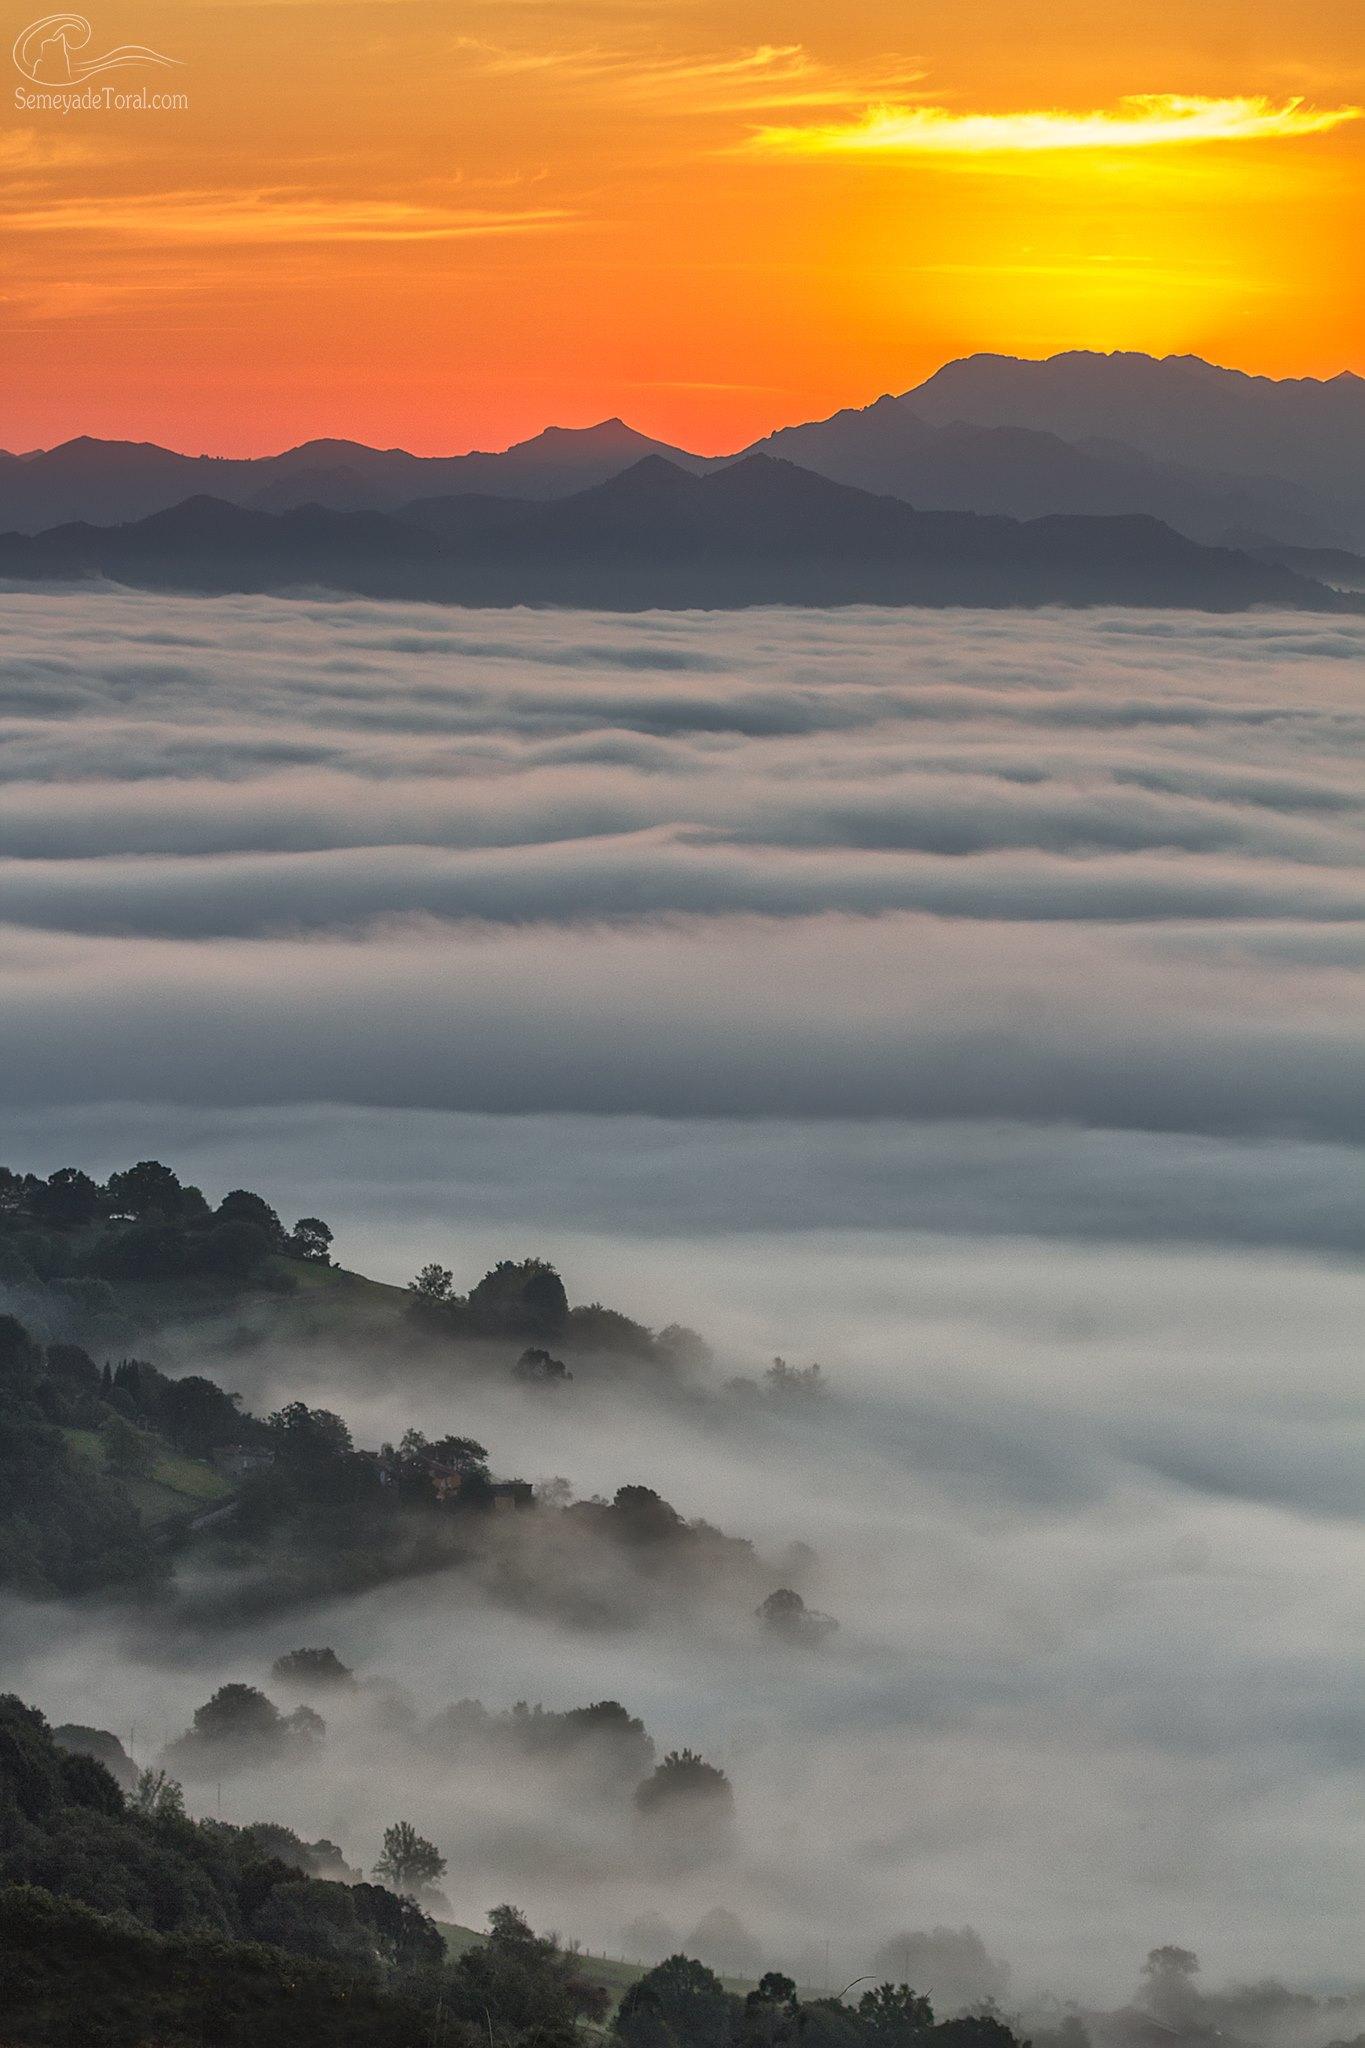 Líneas, valles, nieblas, sol.. vida. - MONTAÑA - Semeya  de Toral